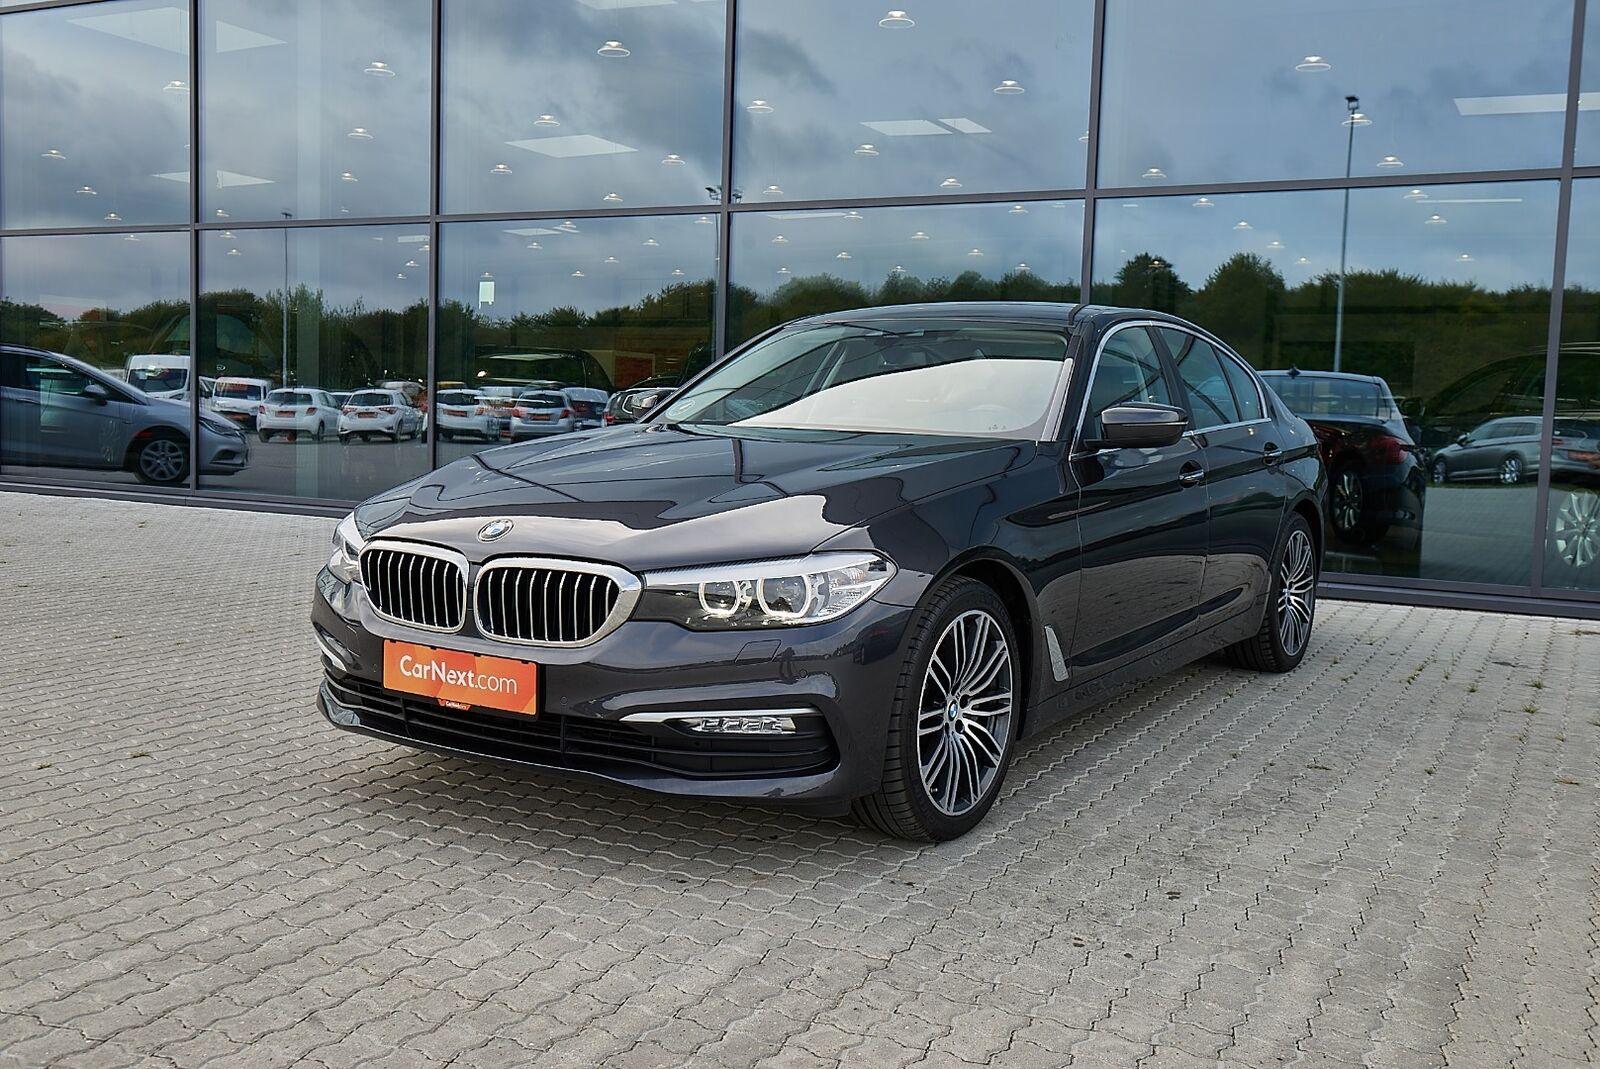 BMW 530d 3,0 xDrive aut. 4d - 489.900 kr.